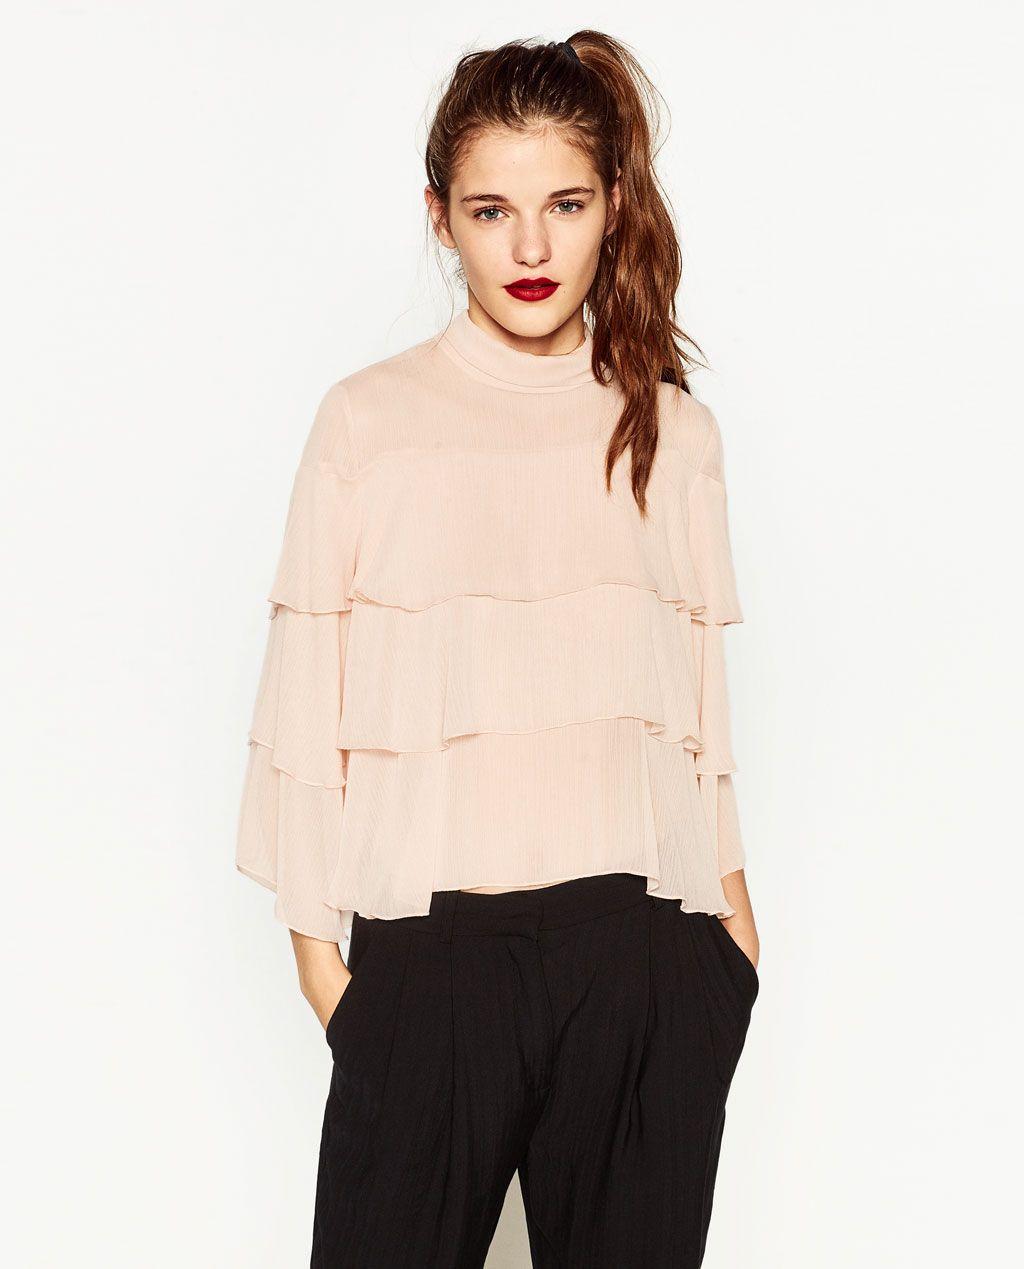 ¡Tu estilo sos vos! Encontrá Zara - Ropa y Accesorios en Mercado Libre Argentina. Descubrí la mejor forma de comprar online.